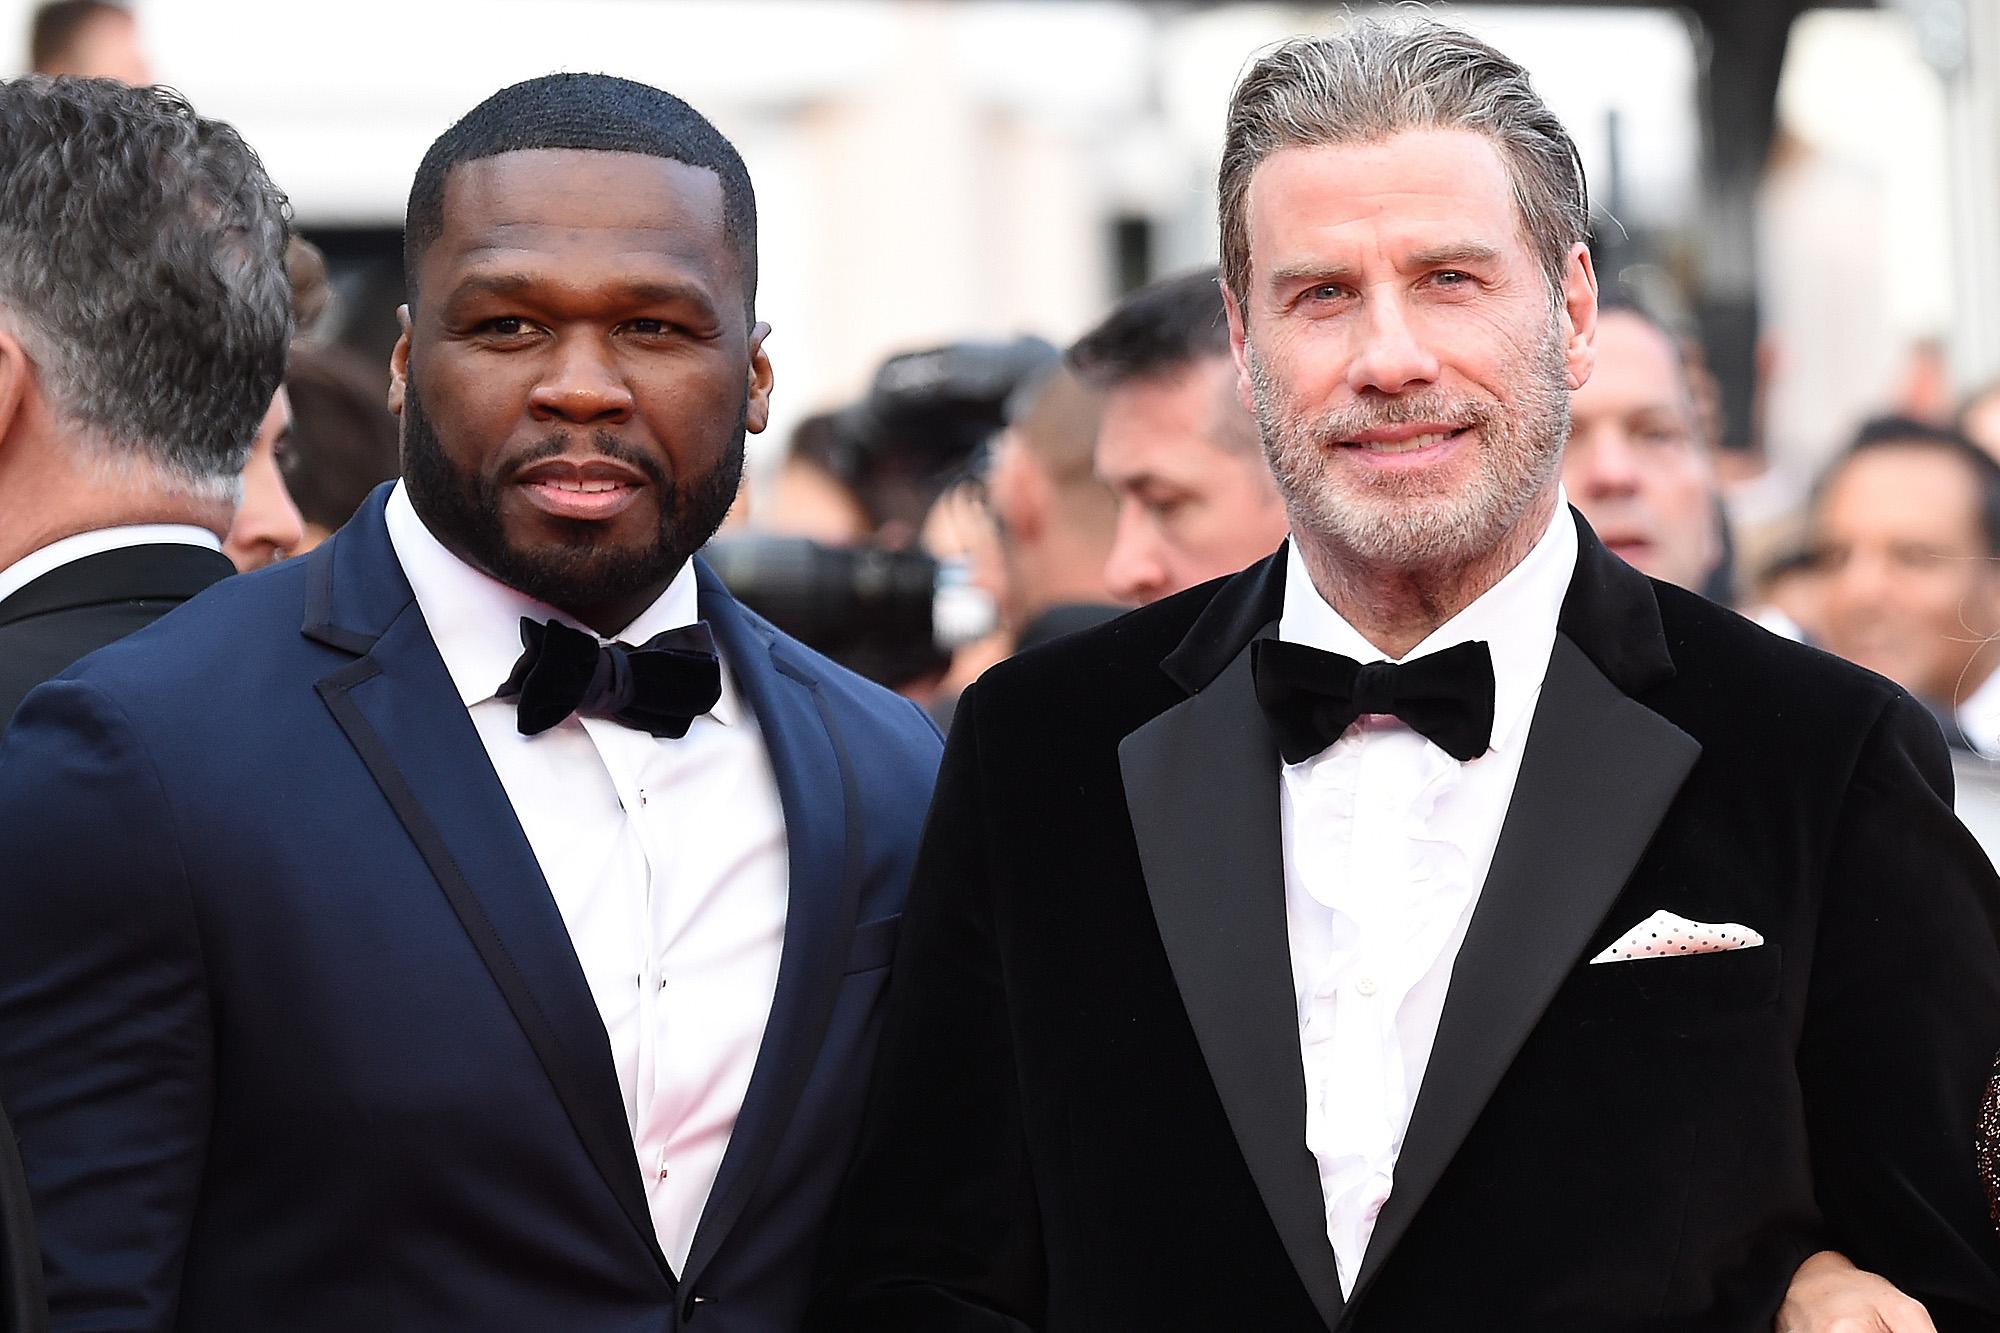 Travolta s'enjaille sur scène avec 50 Cent au Festival de Cannes !